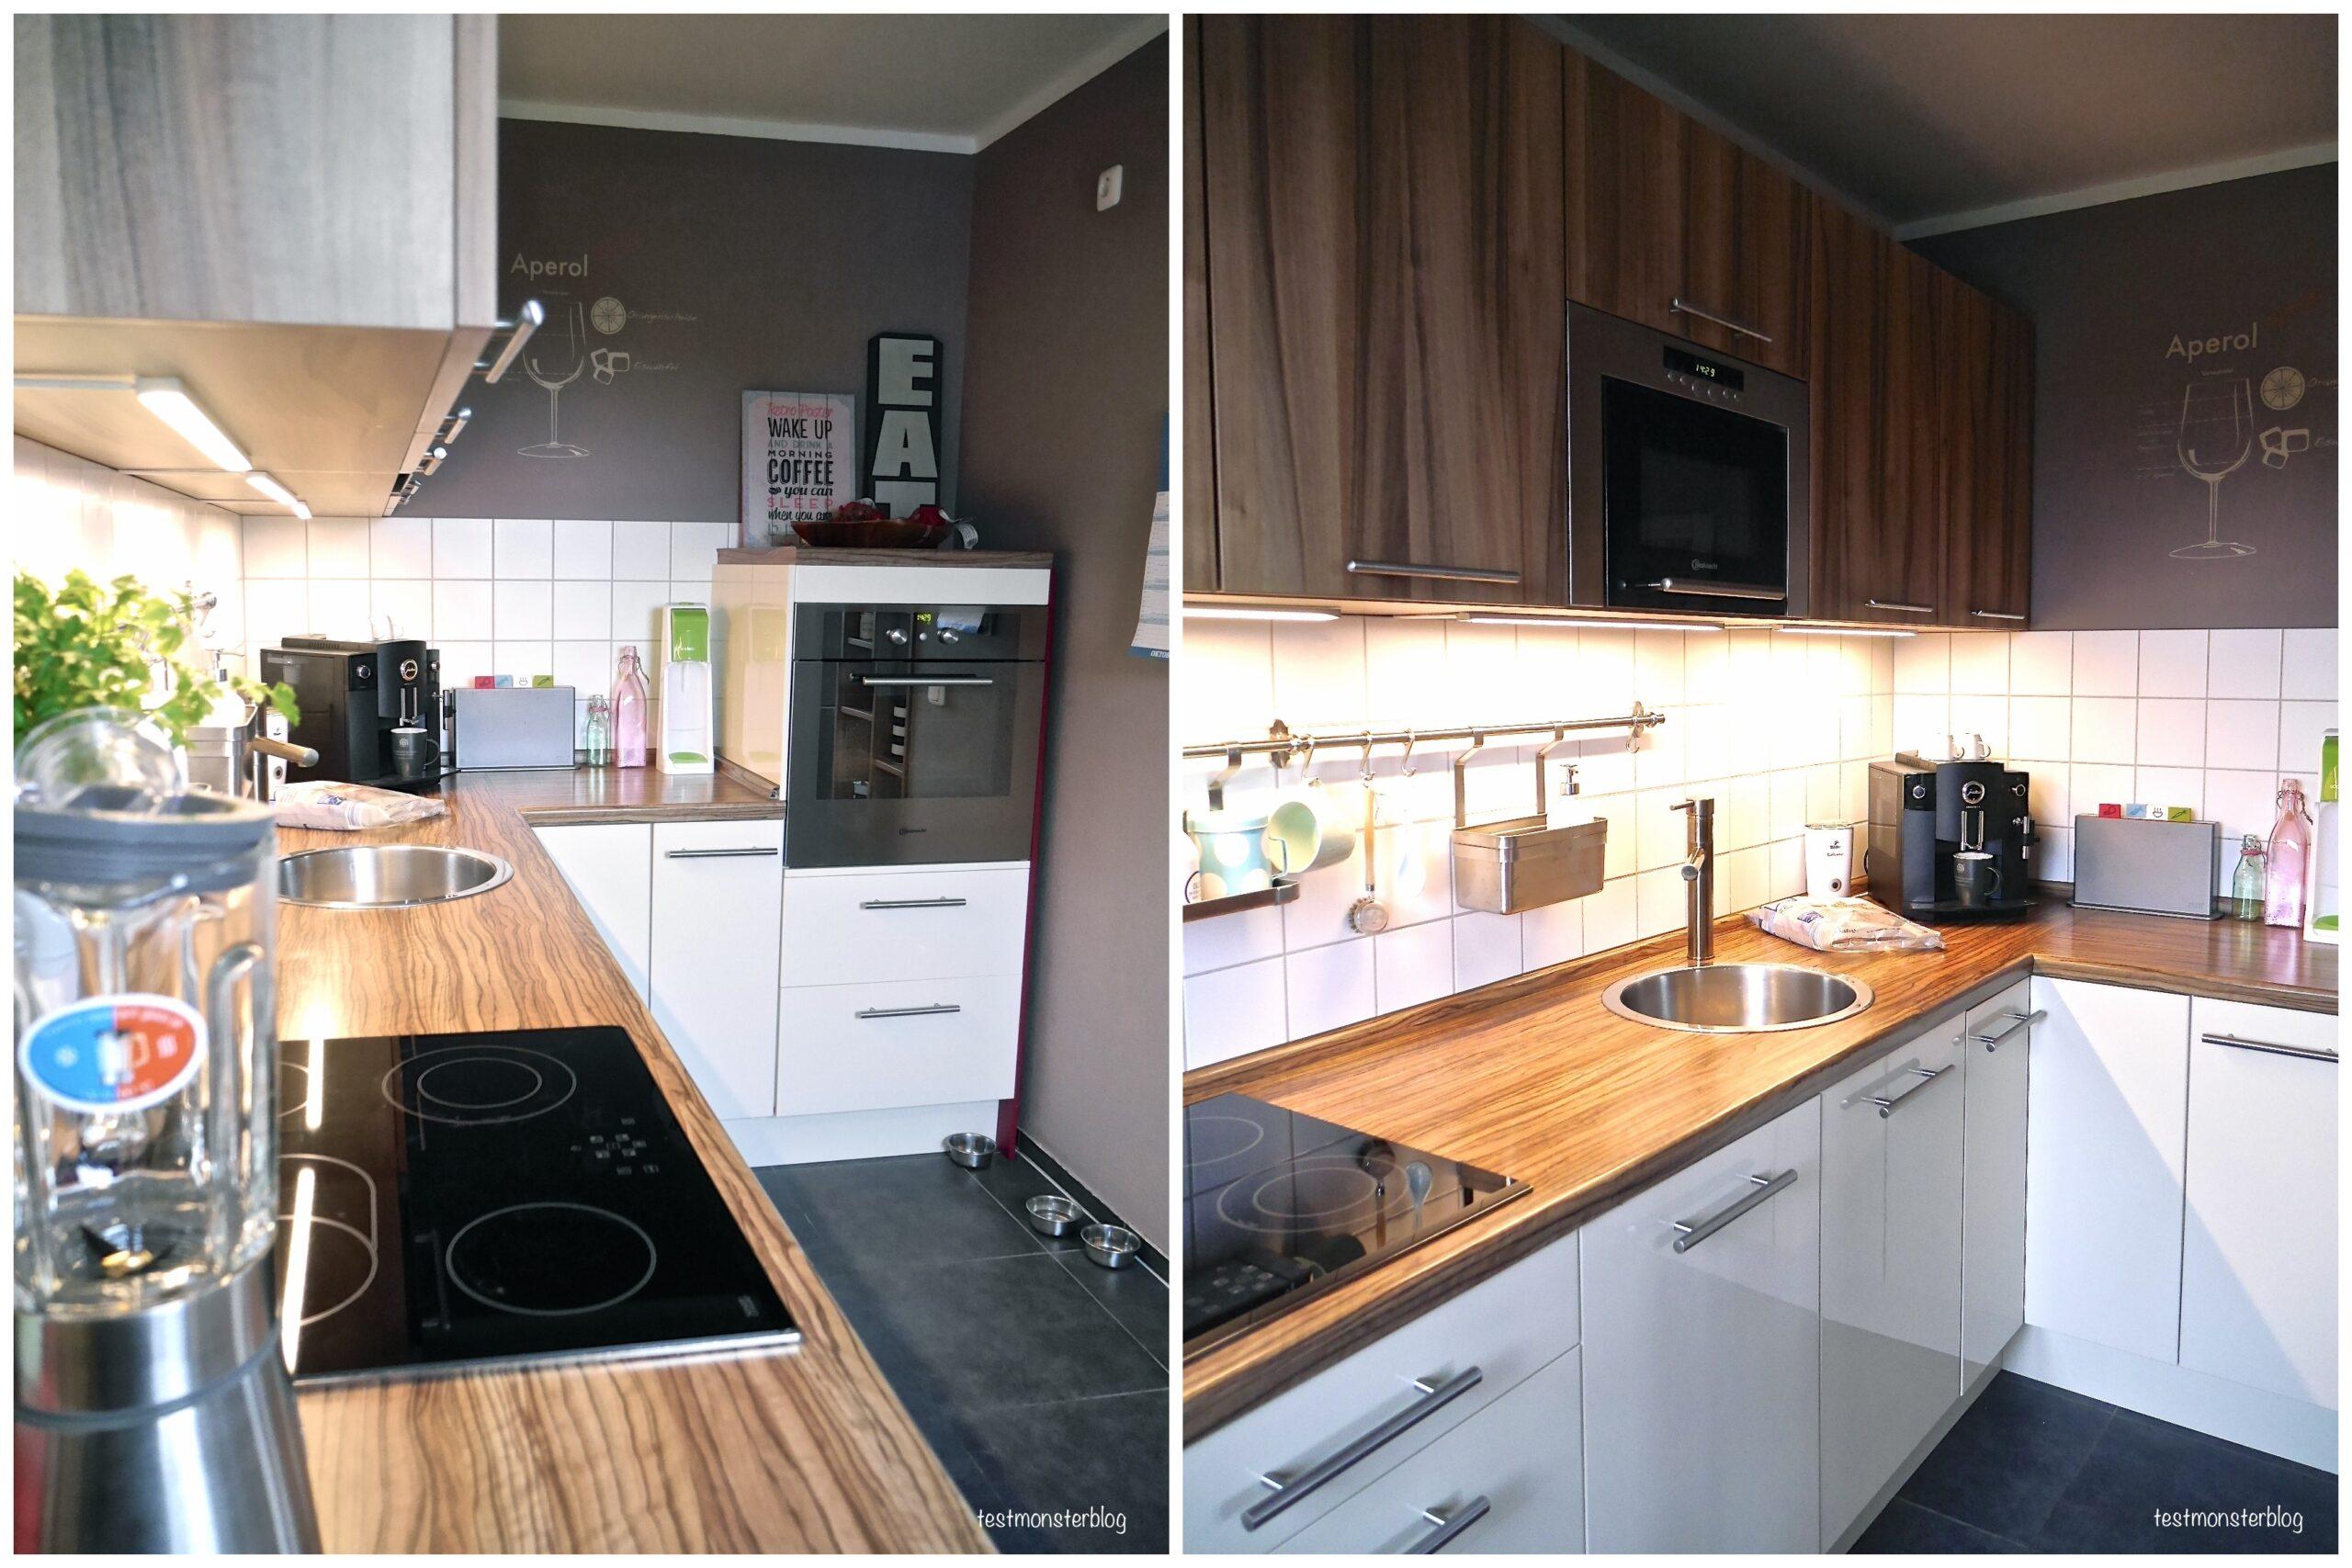 Full Size of Ikea Küchenzeile Kche Metodplan Mich Bitte Selbst Sofa Mit Schlaffunktion Betten 160x200 Küche Kosten Modulküche Miniküche Bei Kaufen Wohnzimmer Ikea Küchenzeile